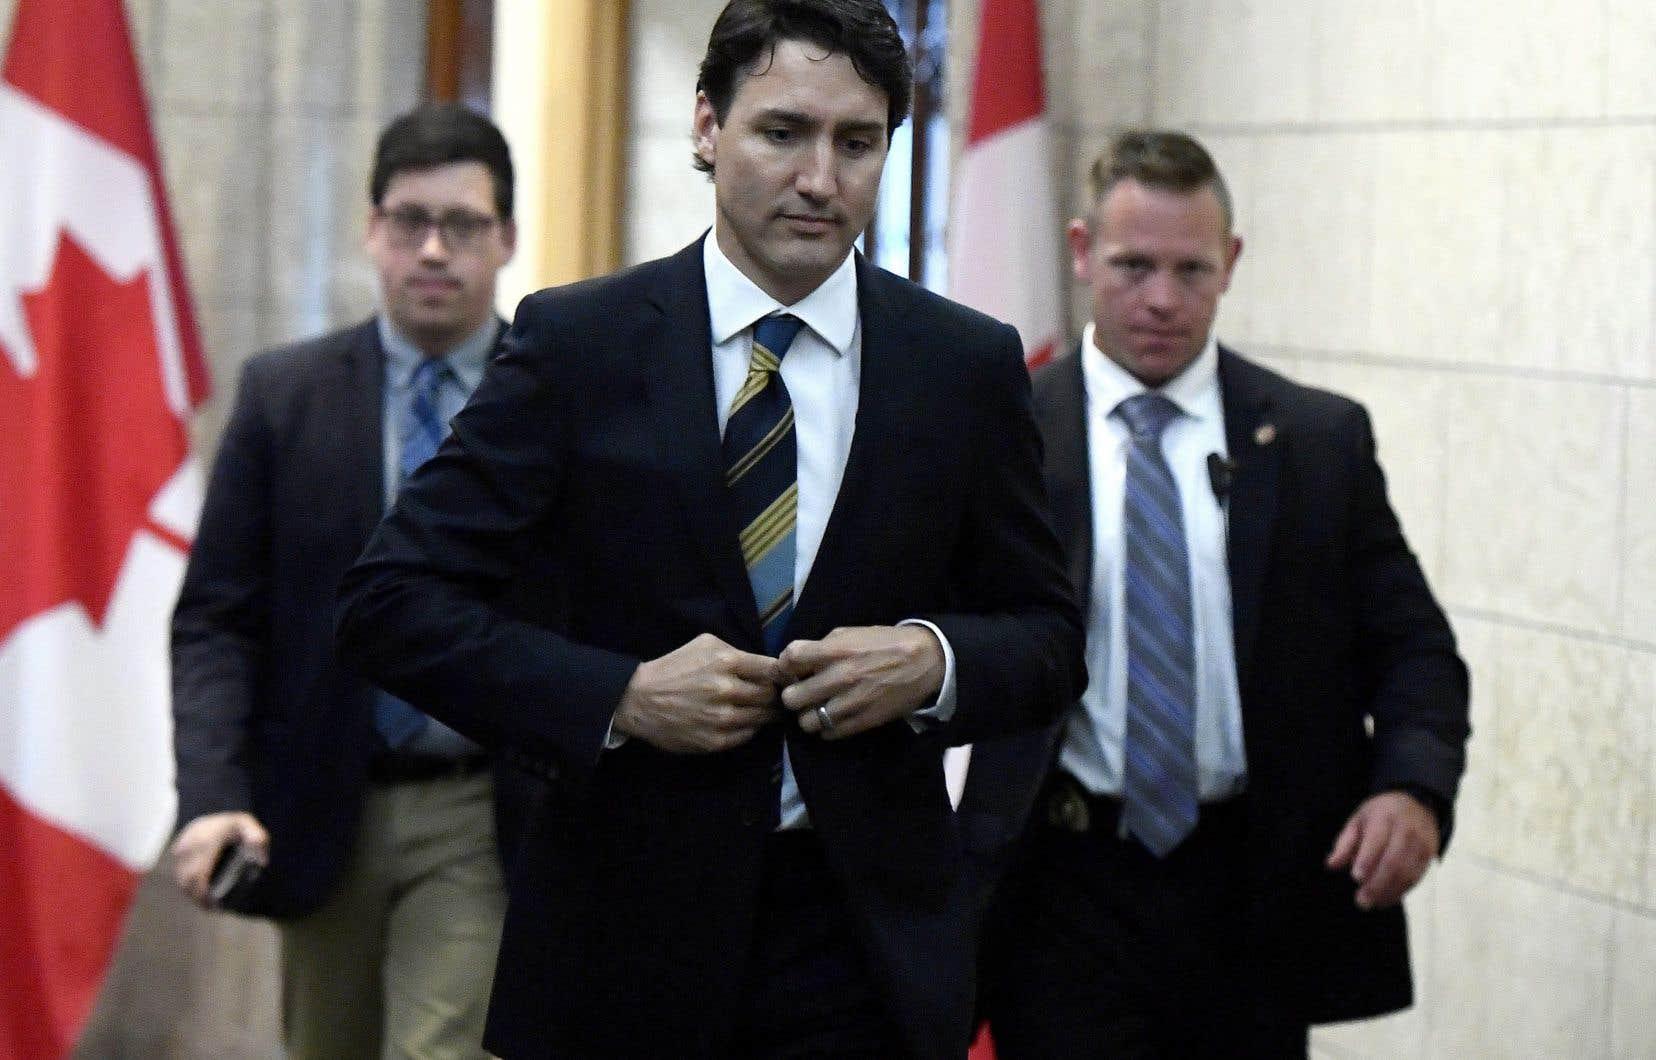 M. Trudeau dit vouloir respecter la période de consultation de 30 jours prévue pour discuter de la proposition de son gouvernement.